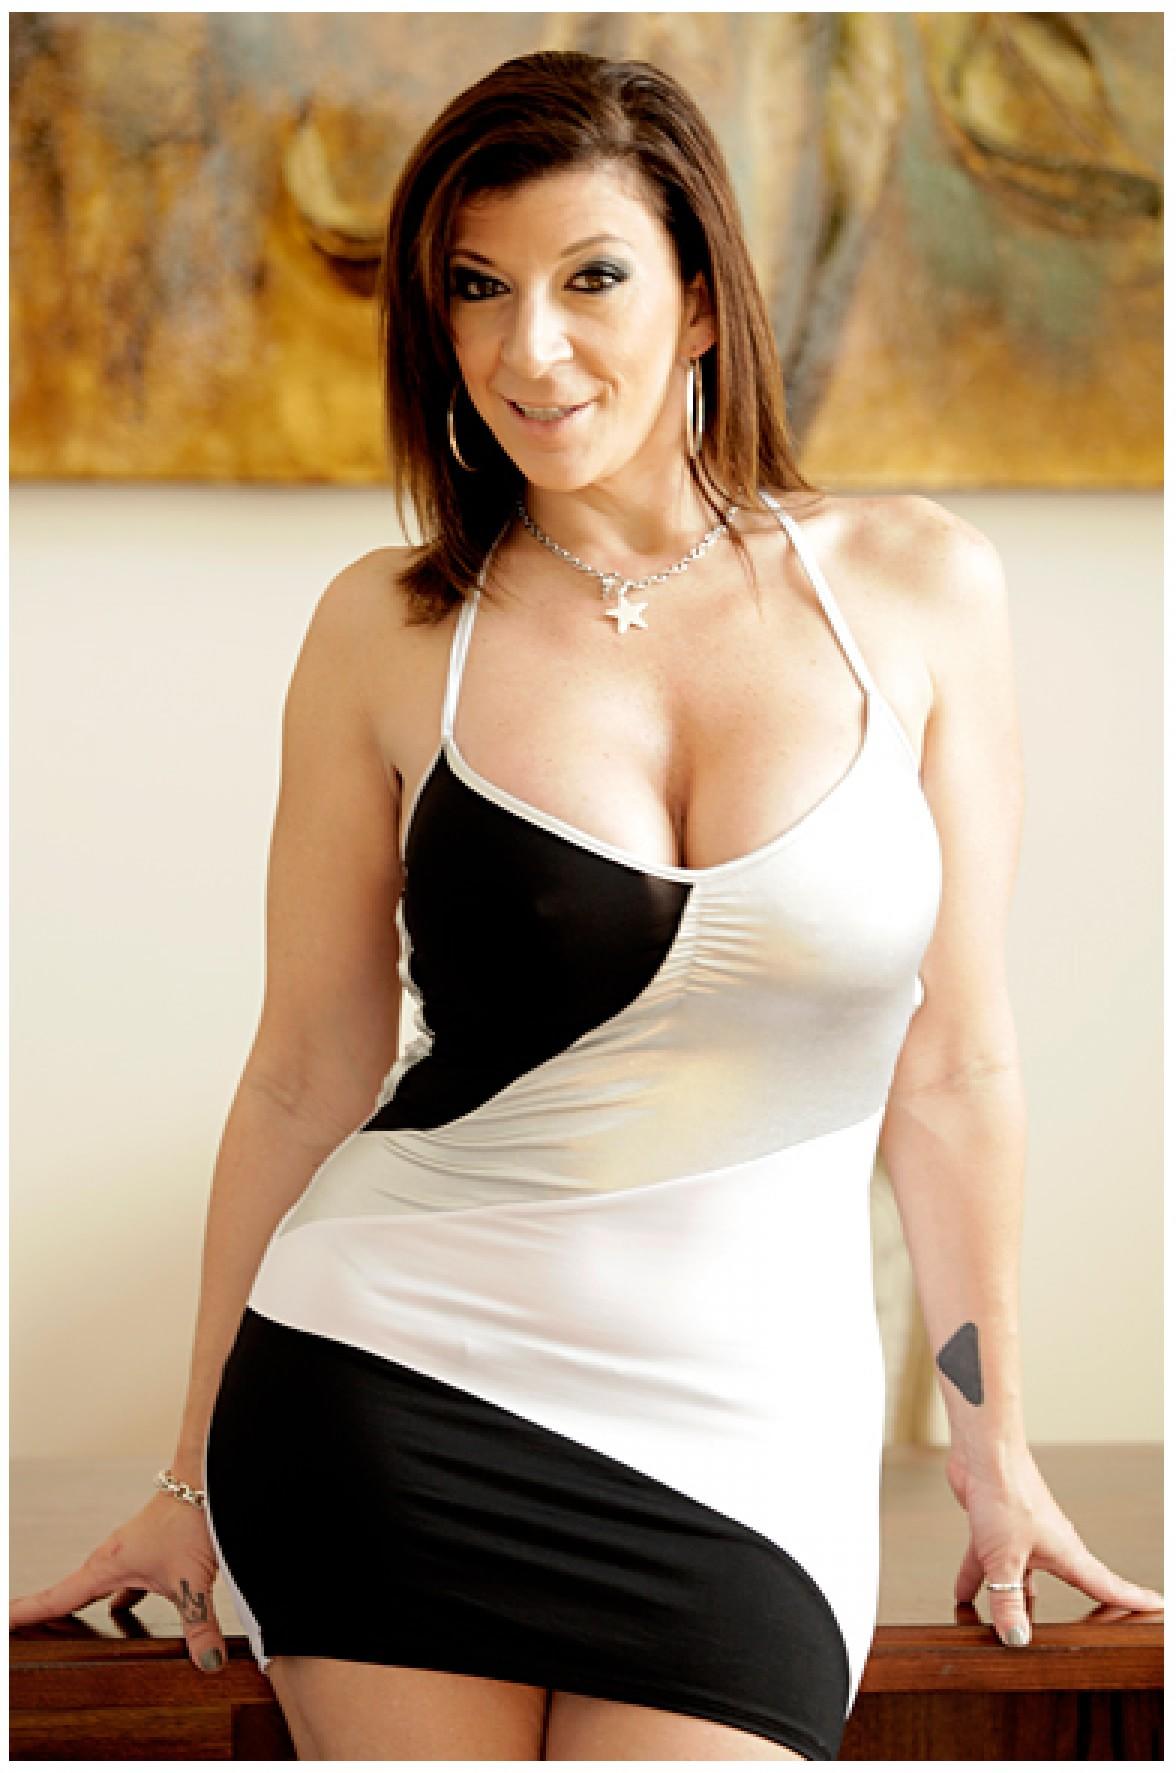 Sara Jay Videos pornos ultieme lesbische porno